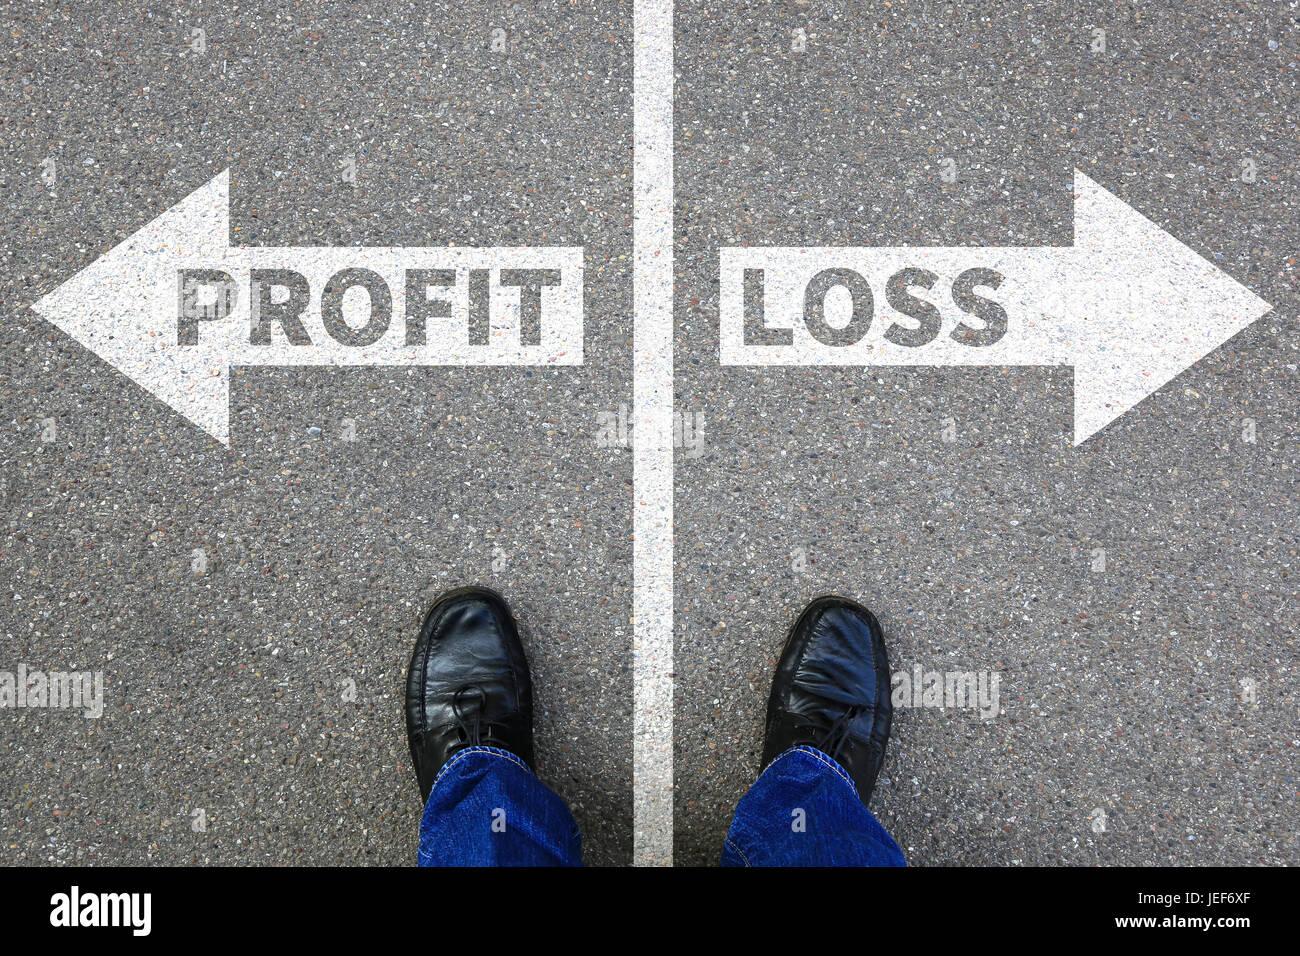 Verlust und Gewinn Finanzen finanziellen Erfolg Unternehmen Geschäftsmann Geschäftskonzept erfolgreich Stockbild